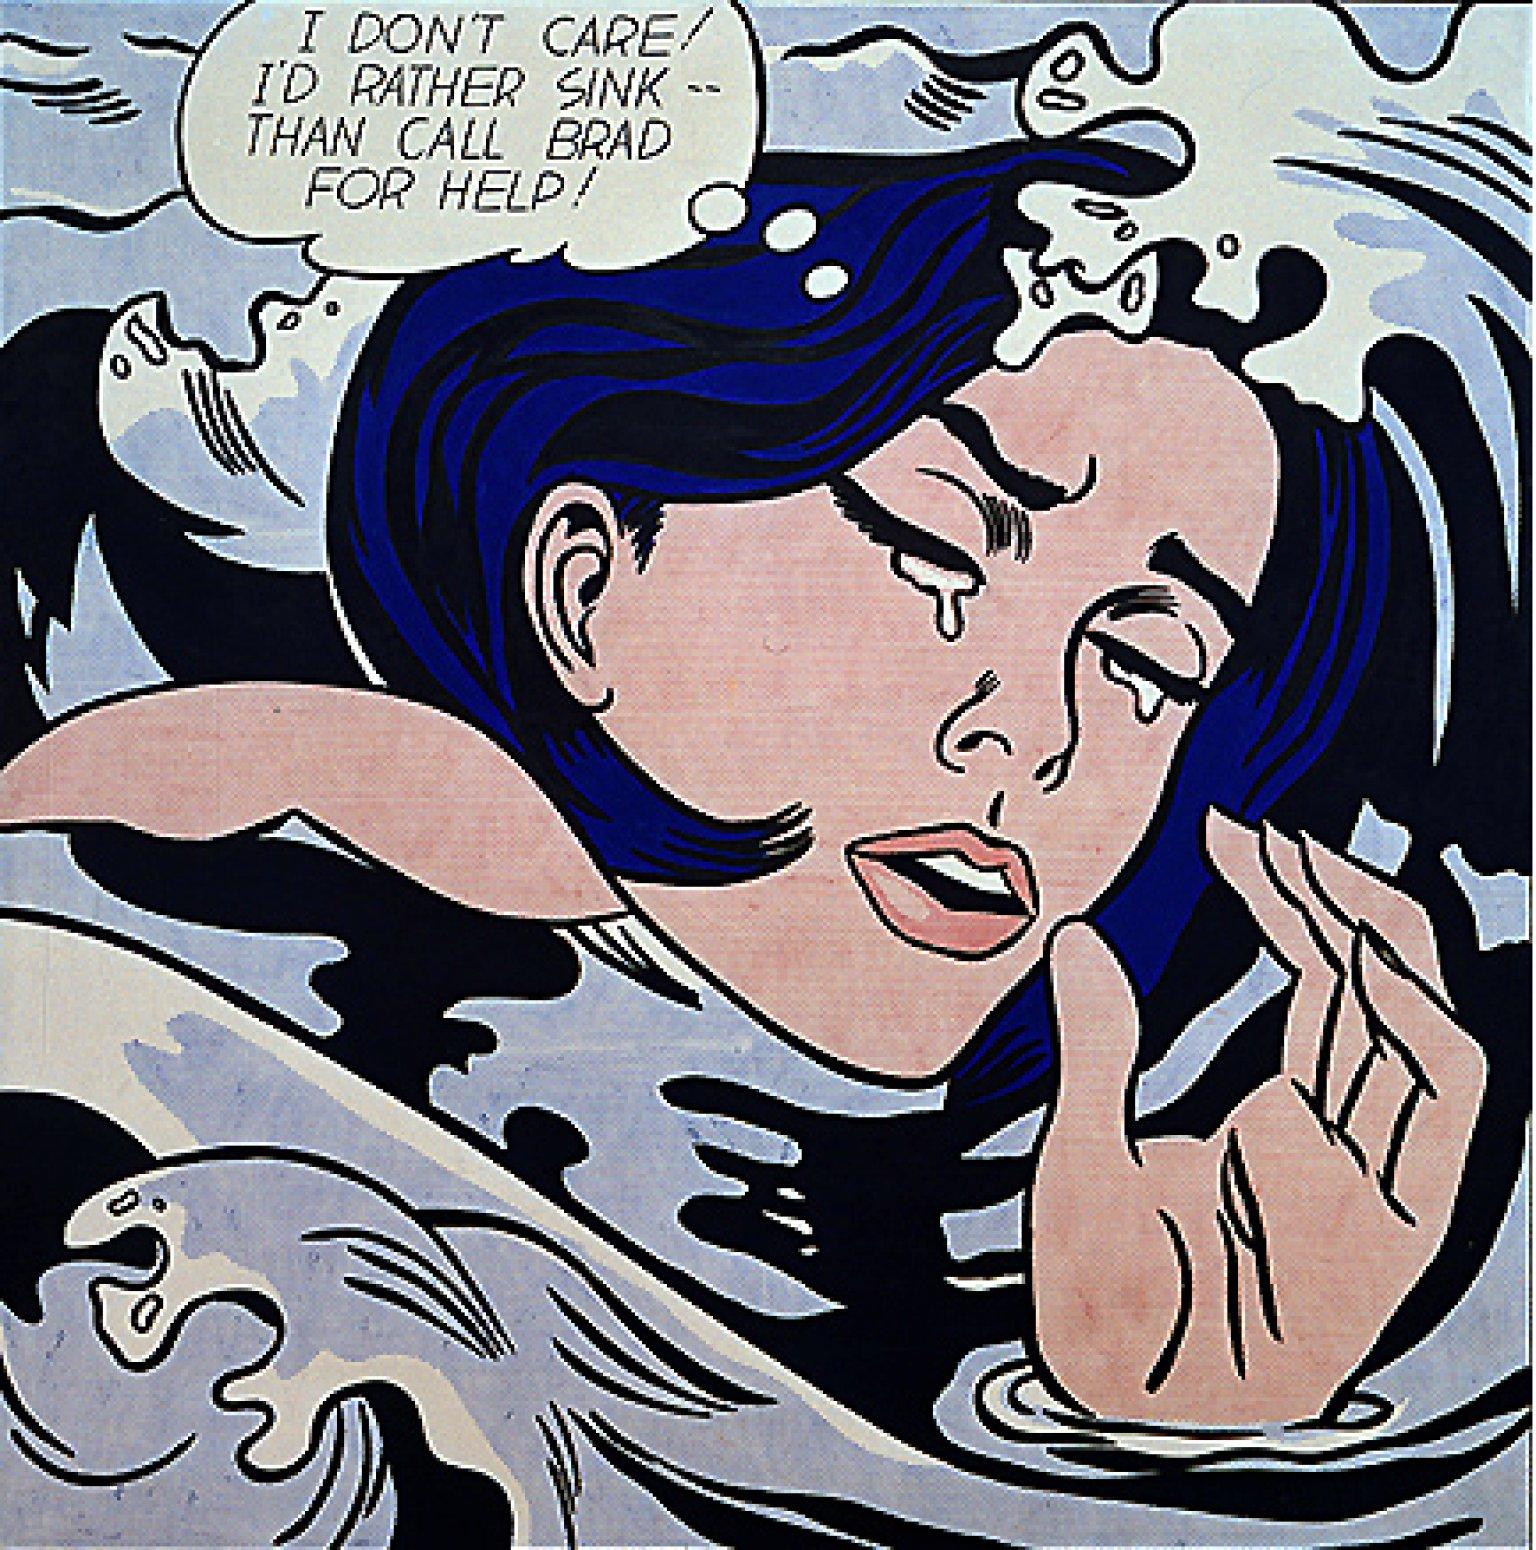 Roy lichtenstein y el pop art vox ultra - Pop art roy lichtenstein obras ...